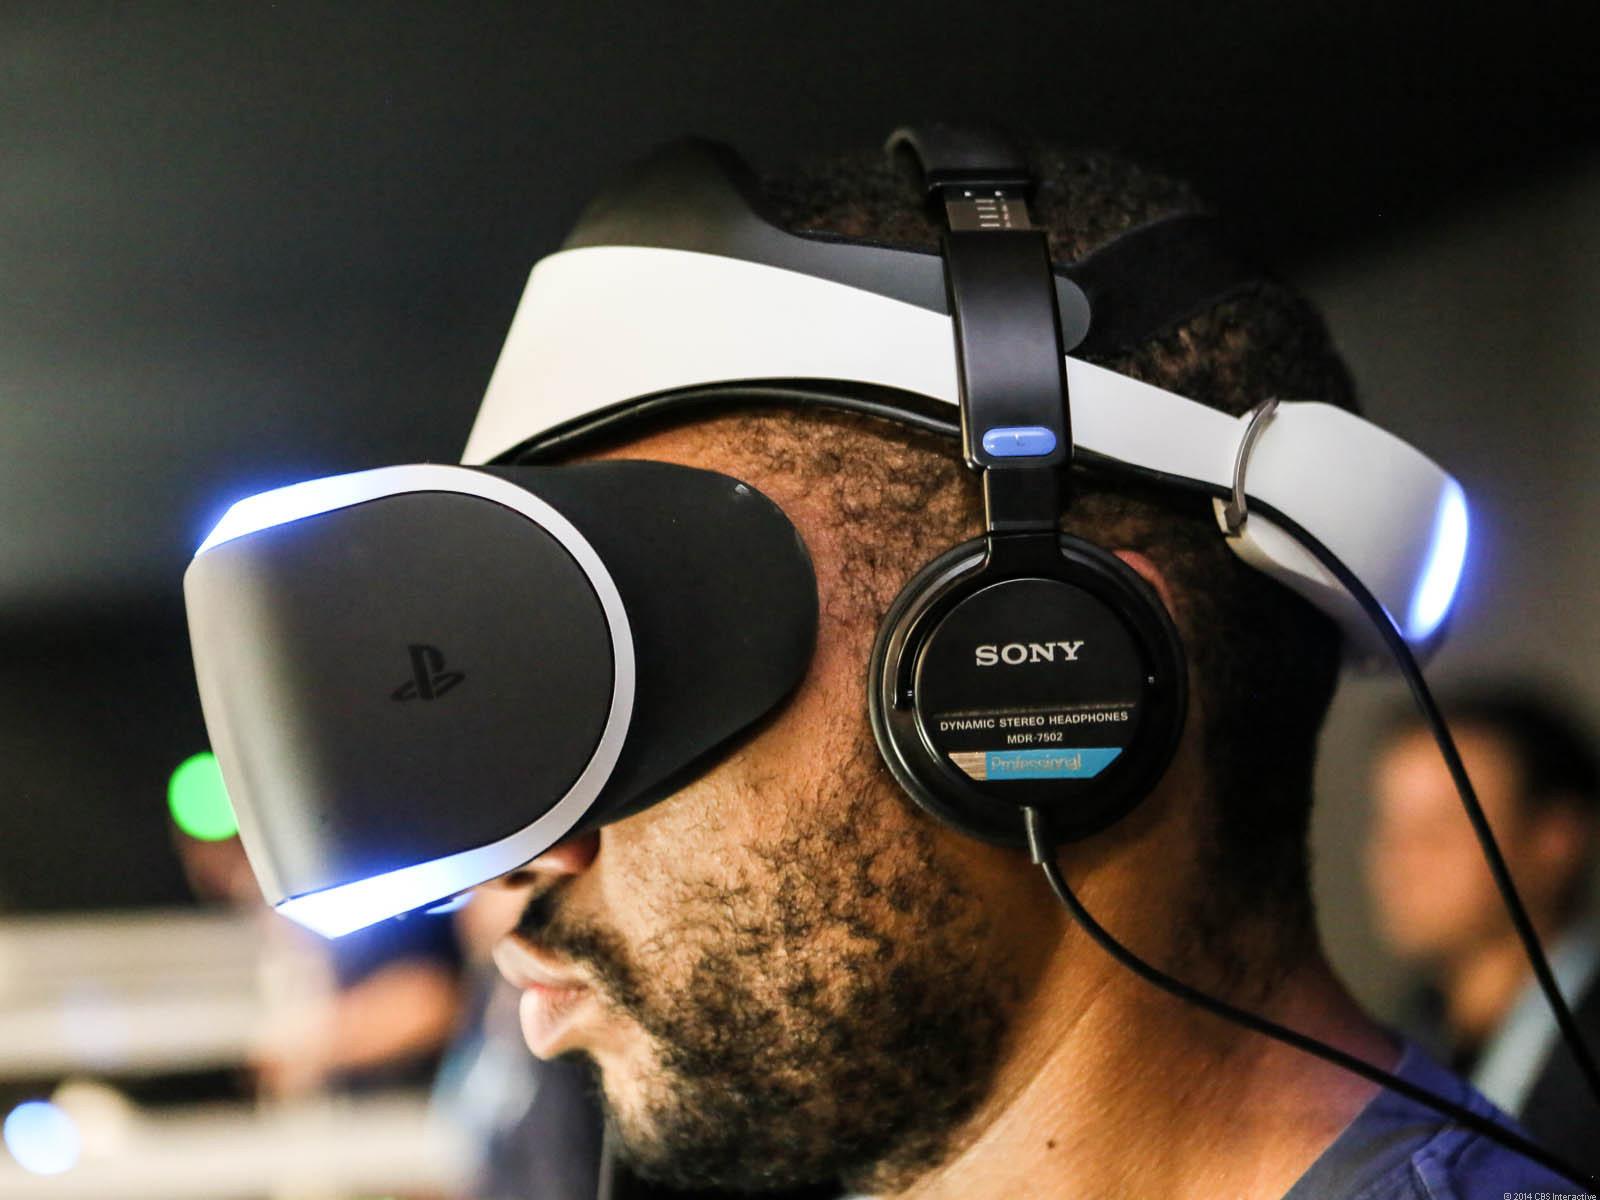 Especialistas apontam o alto preço da tecnologia e a falta de conteúdo como os principais desafios para o VR.